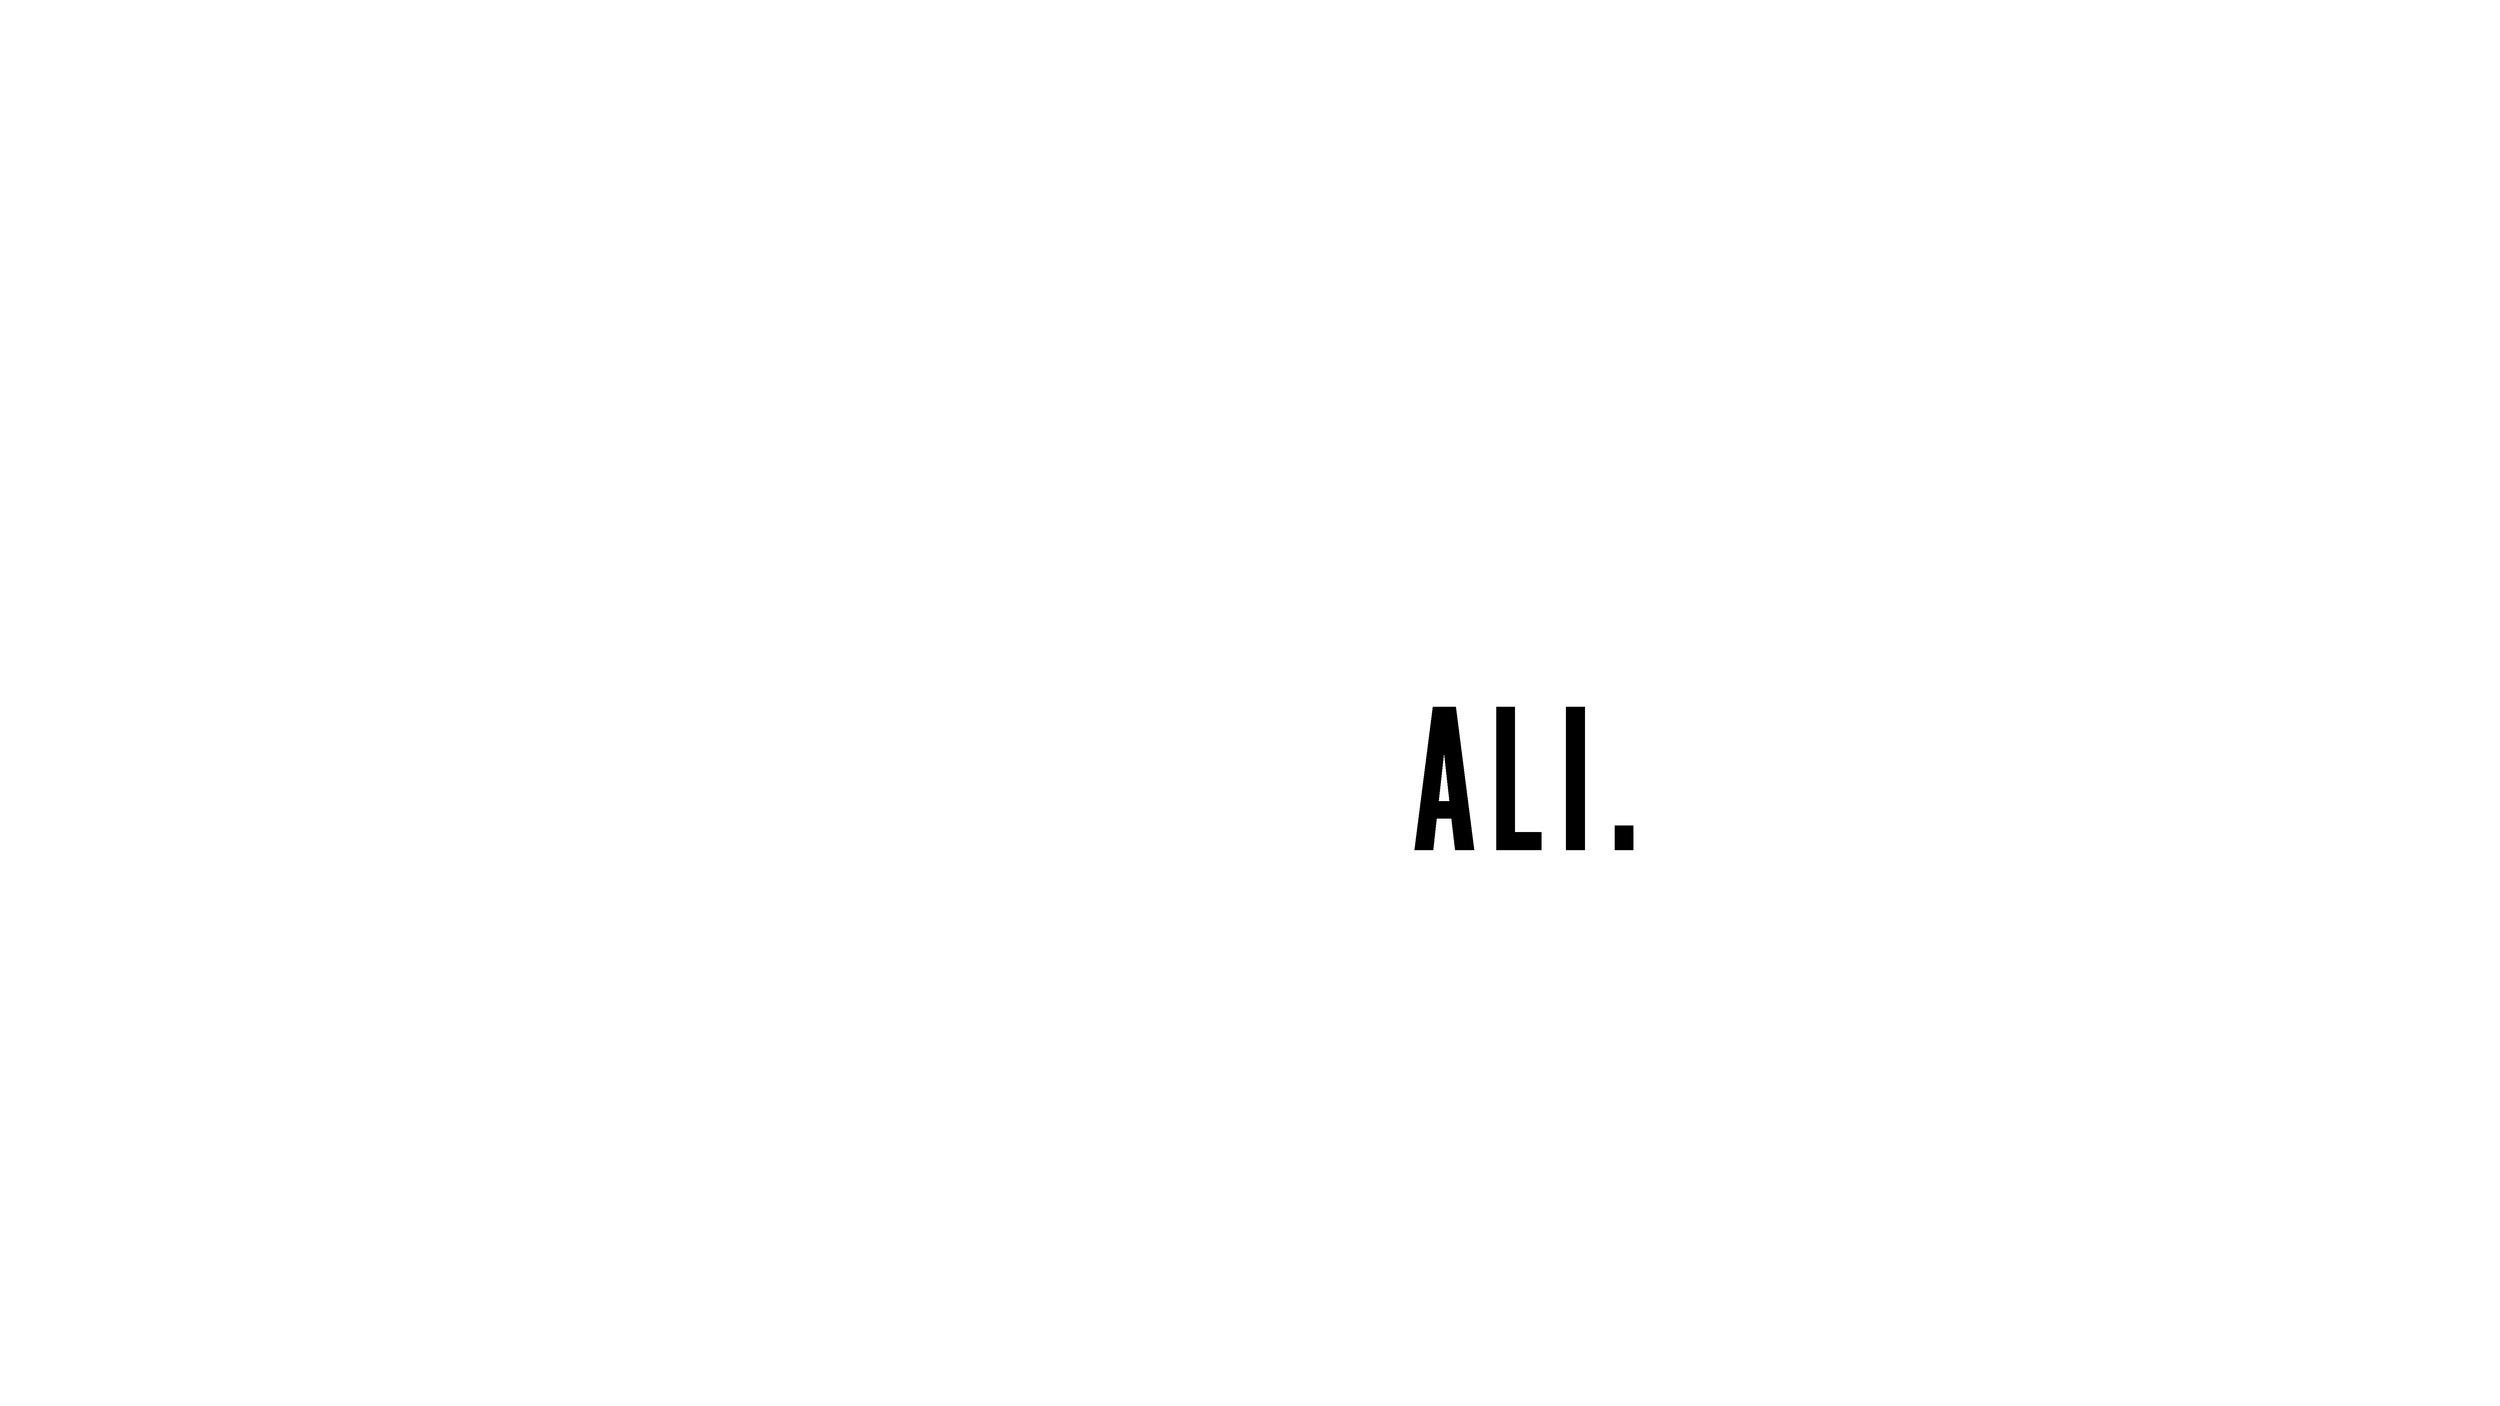 Ali_Book_Page_28.jpg